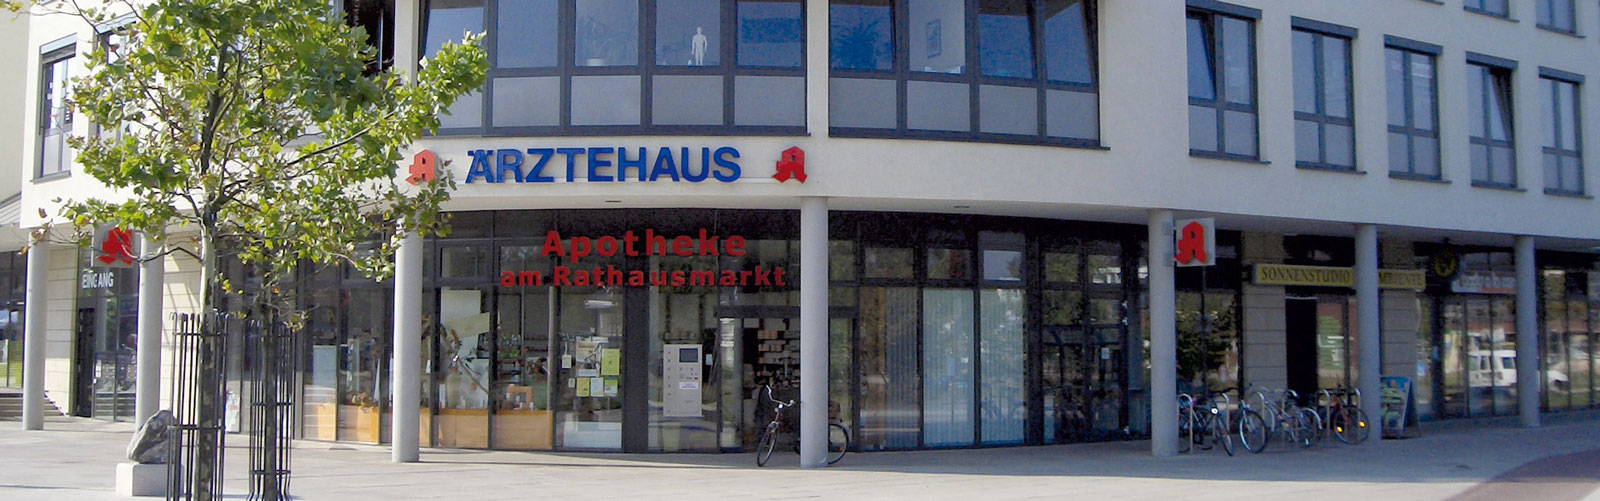 Ärztehaus Kleinmachow